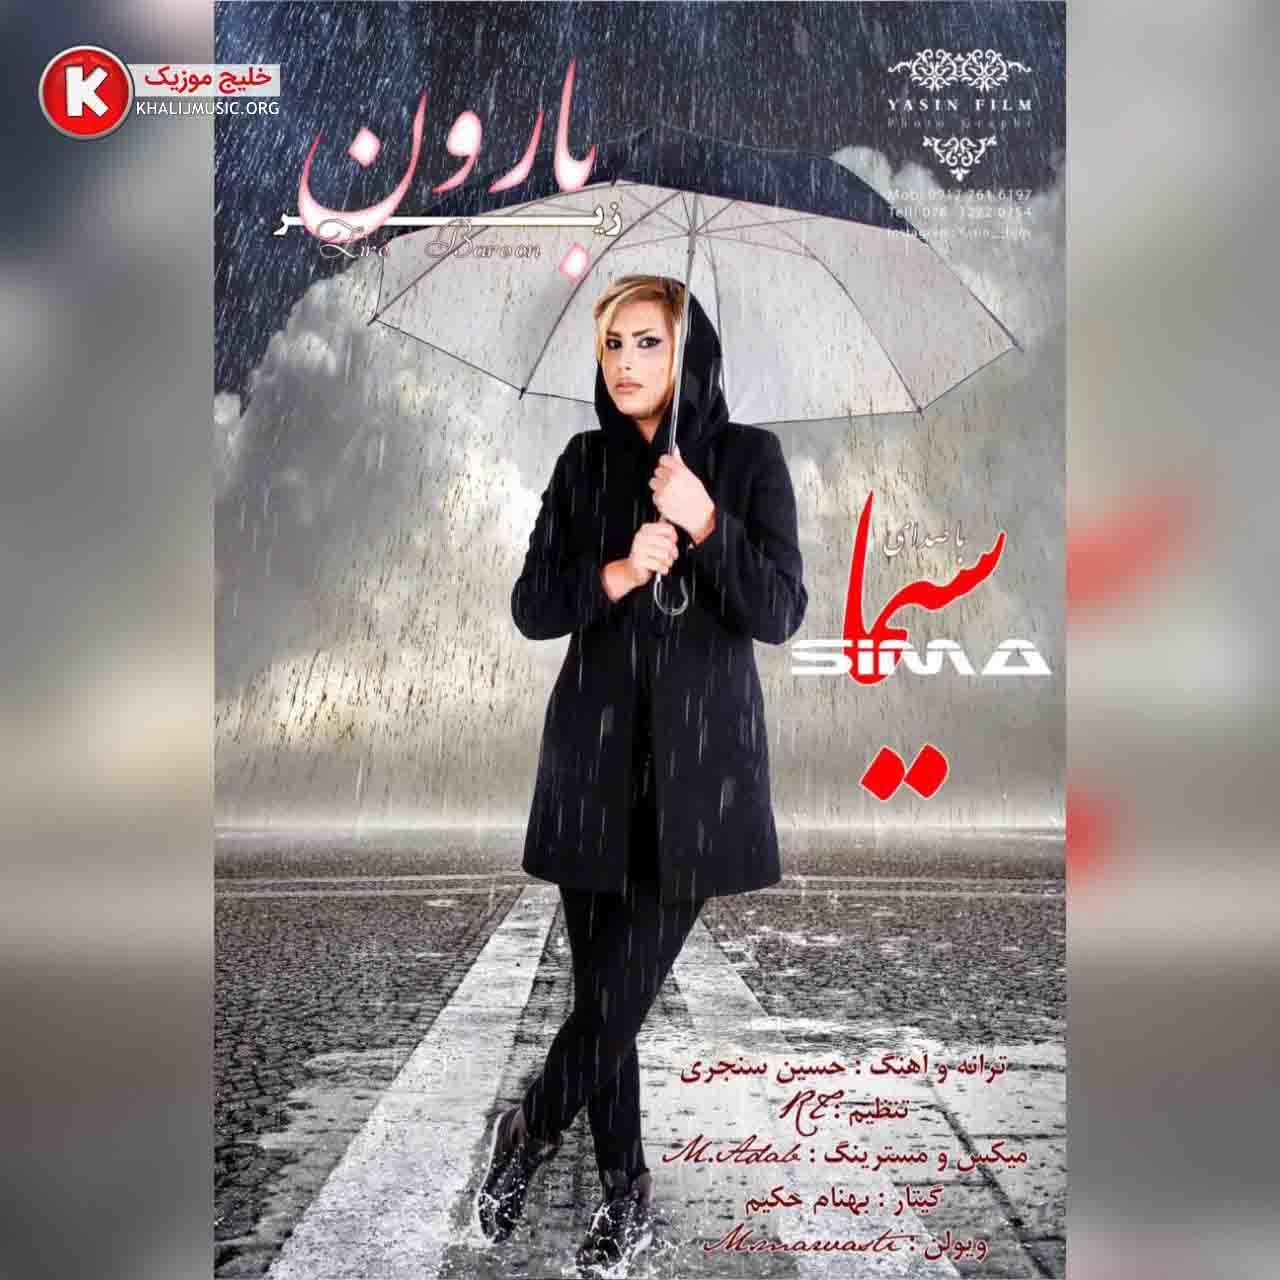 سیما دانلود آهنگ جدید و بسیار زیبا و شنیدنی بنام زیر بارون